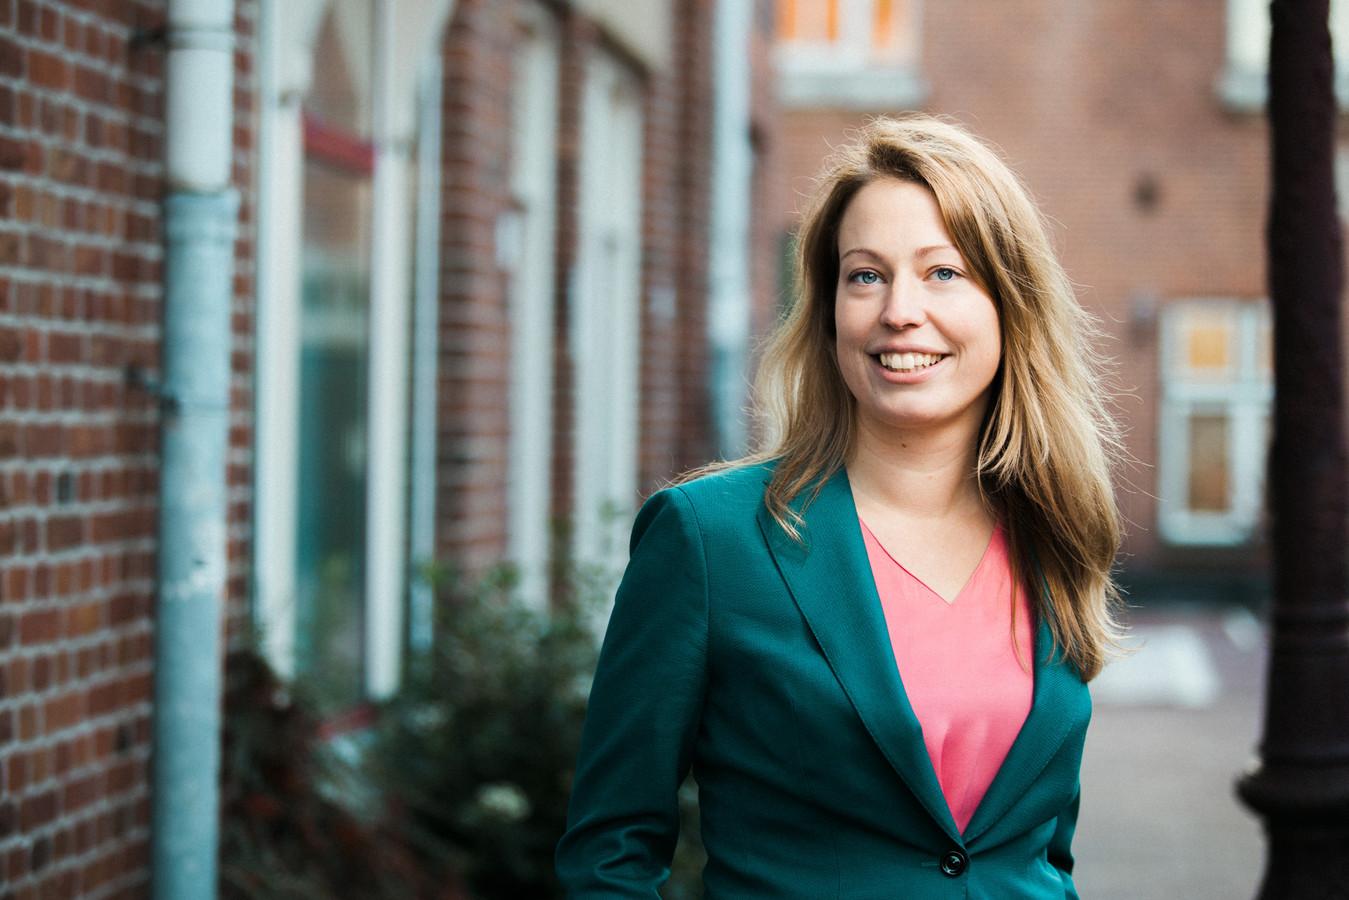 Mirthe Biemans uit Utrecht werkt bij woningcorporatie Rochdale in Amsterdam en is kandidaat Kamerlid voor de Tweede Kamer.